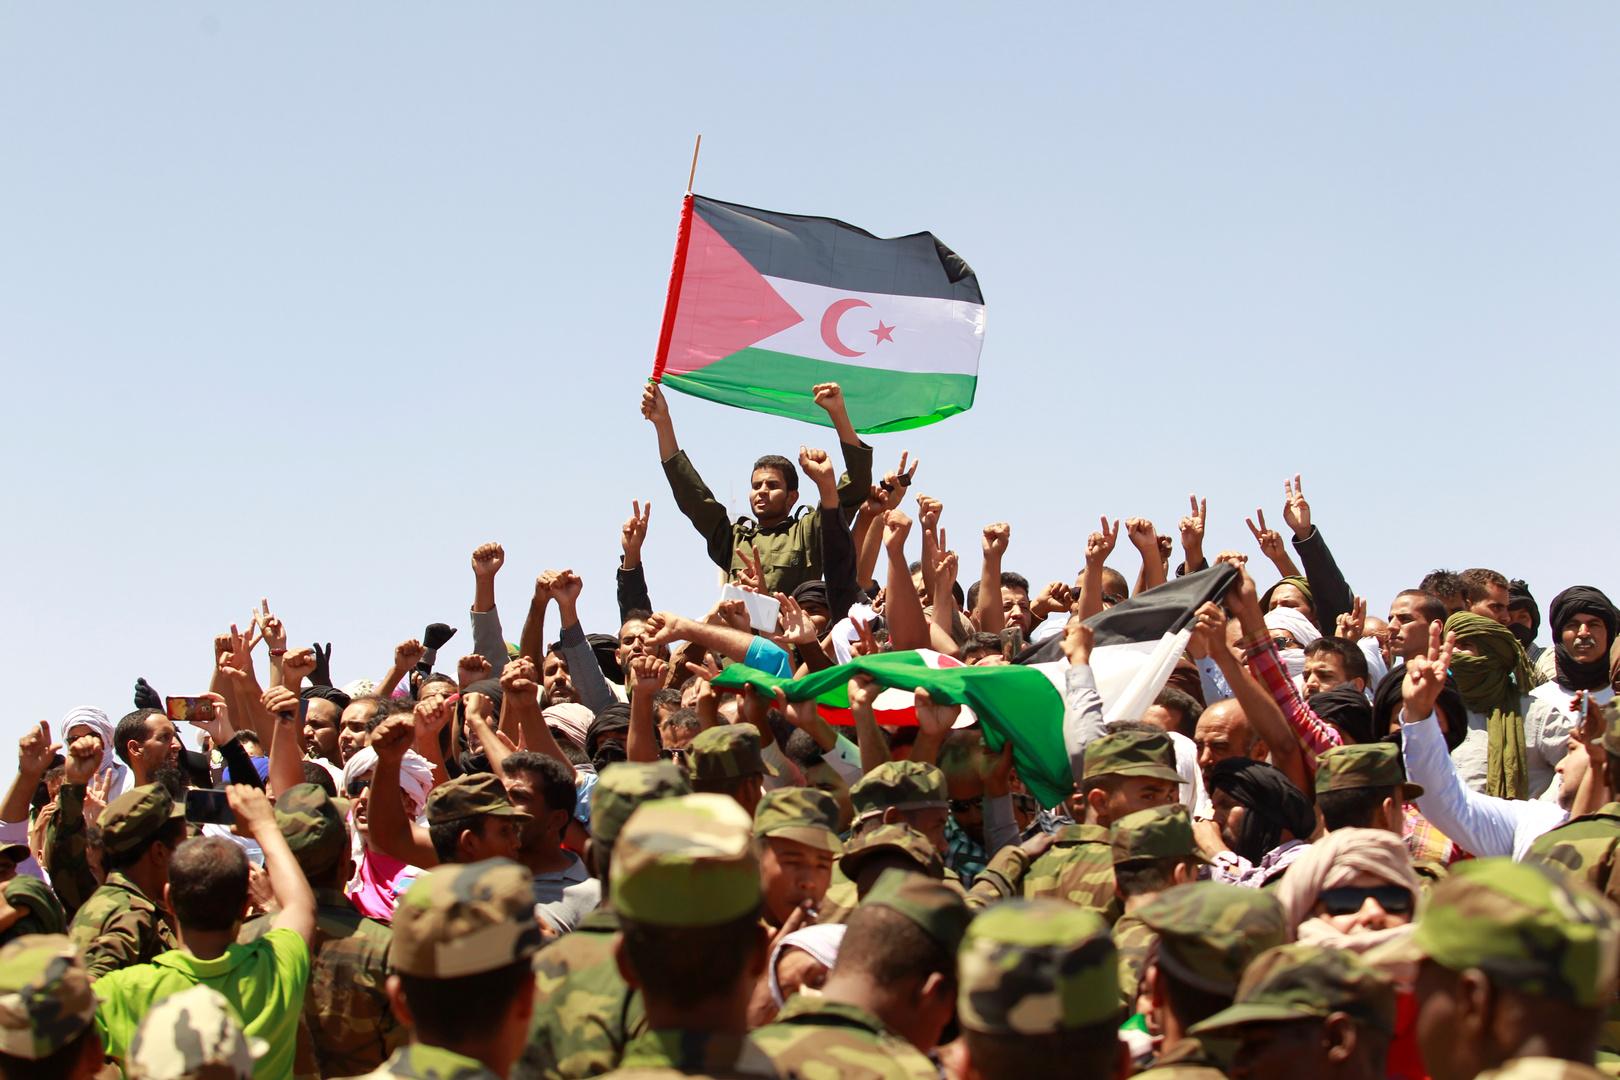 أمين عام جبهة البوليساريو يحذر المغرب: